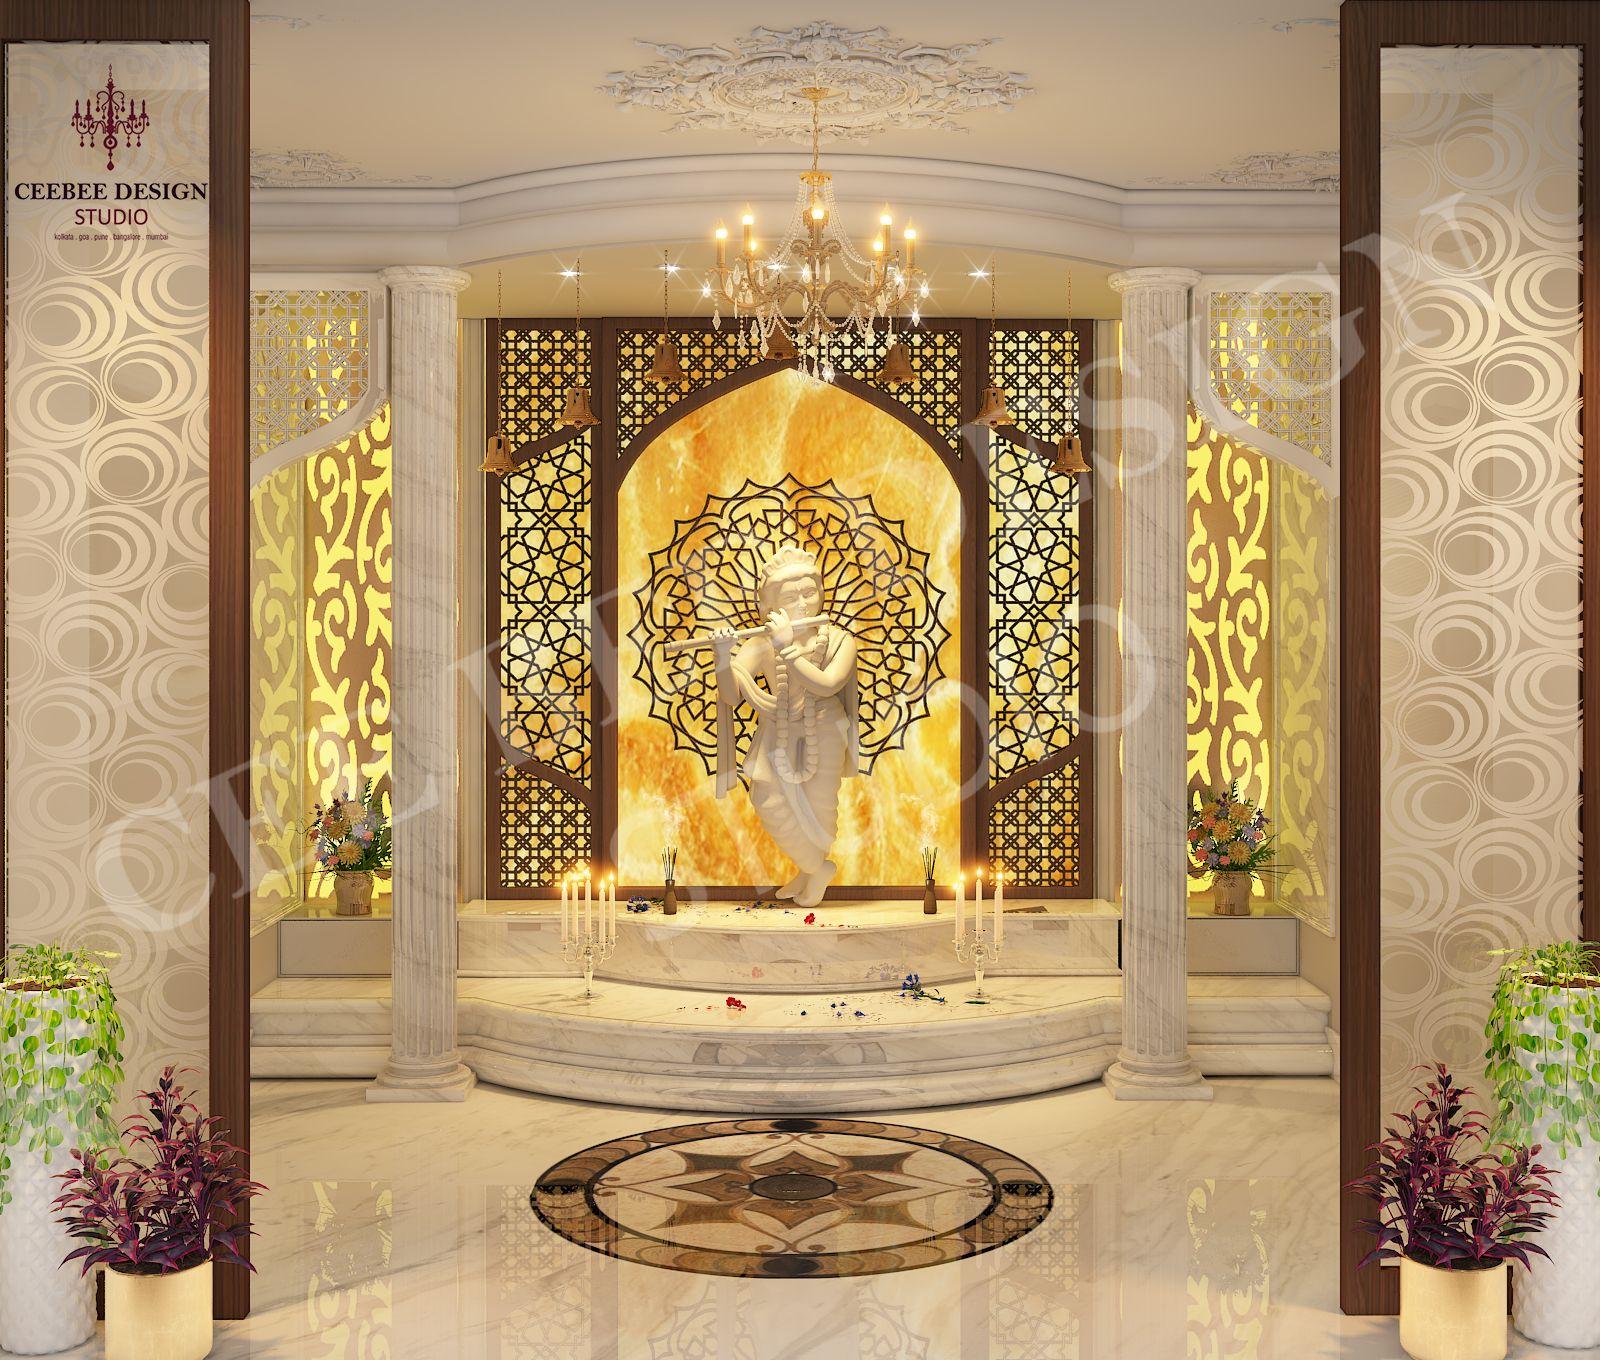 Home Design Ideas Bangalore: #best3D #interiordesigner #interiordesign #bangalore